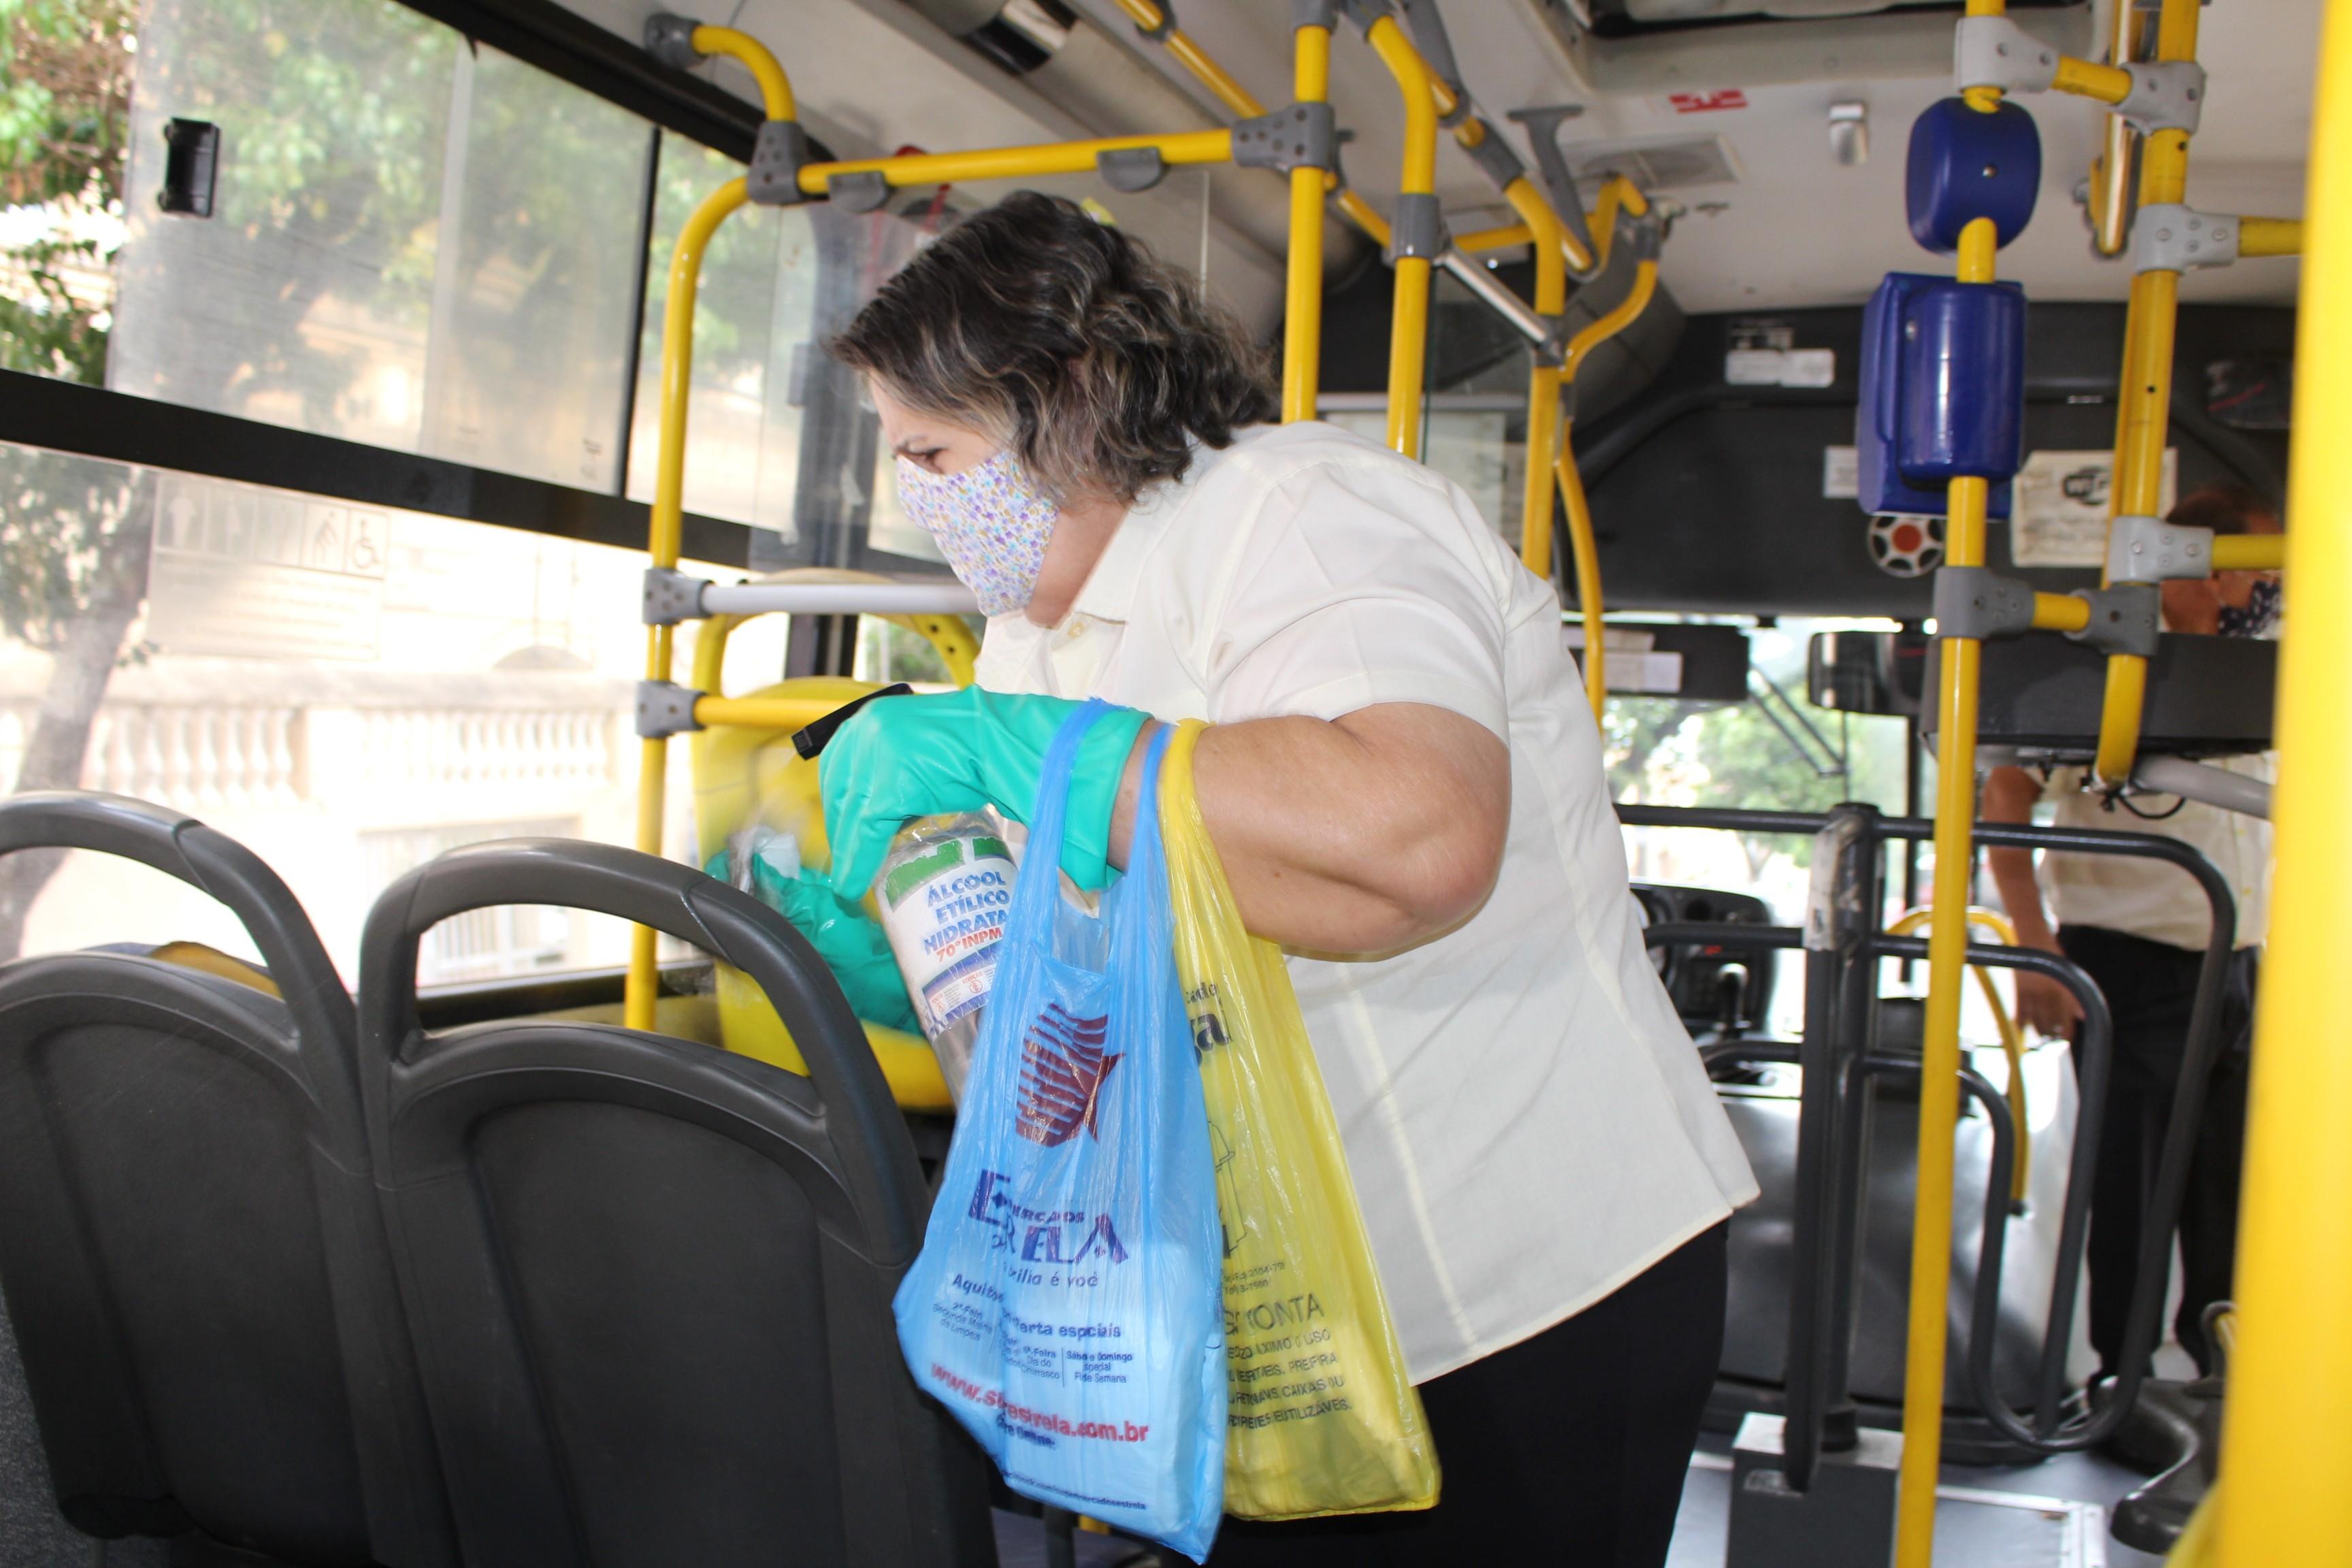 Transporte coletivo utiliza 3 pontos para higienização da frota de ônibus em circulação em Presidente Prudente